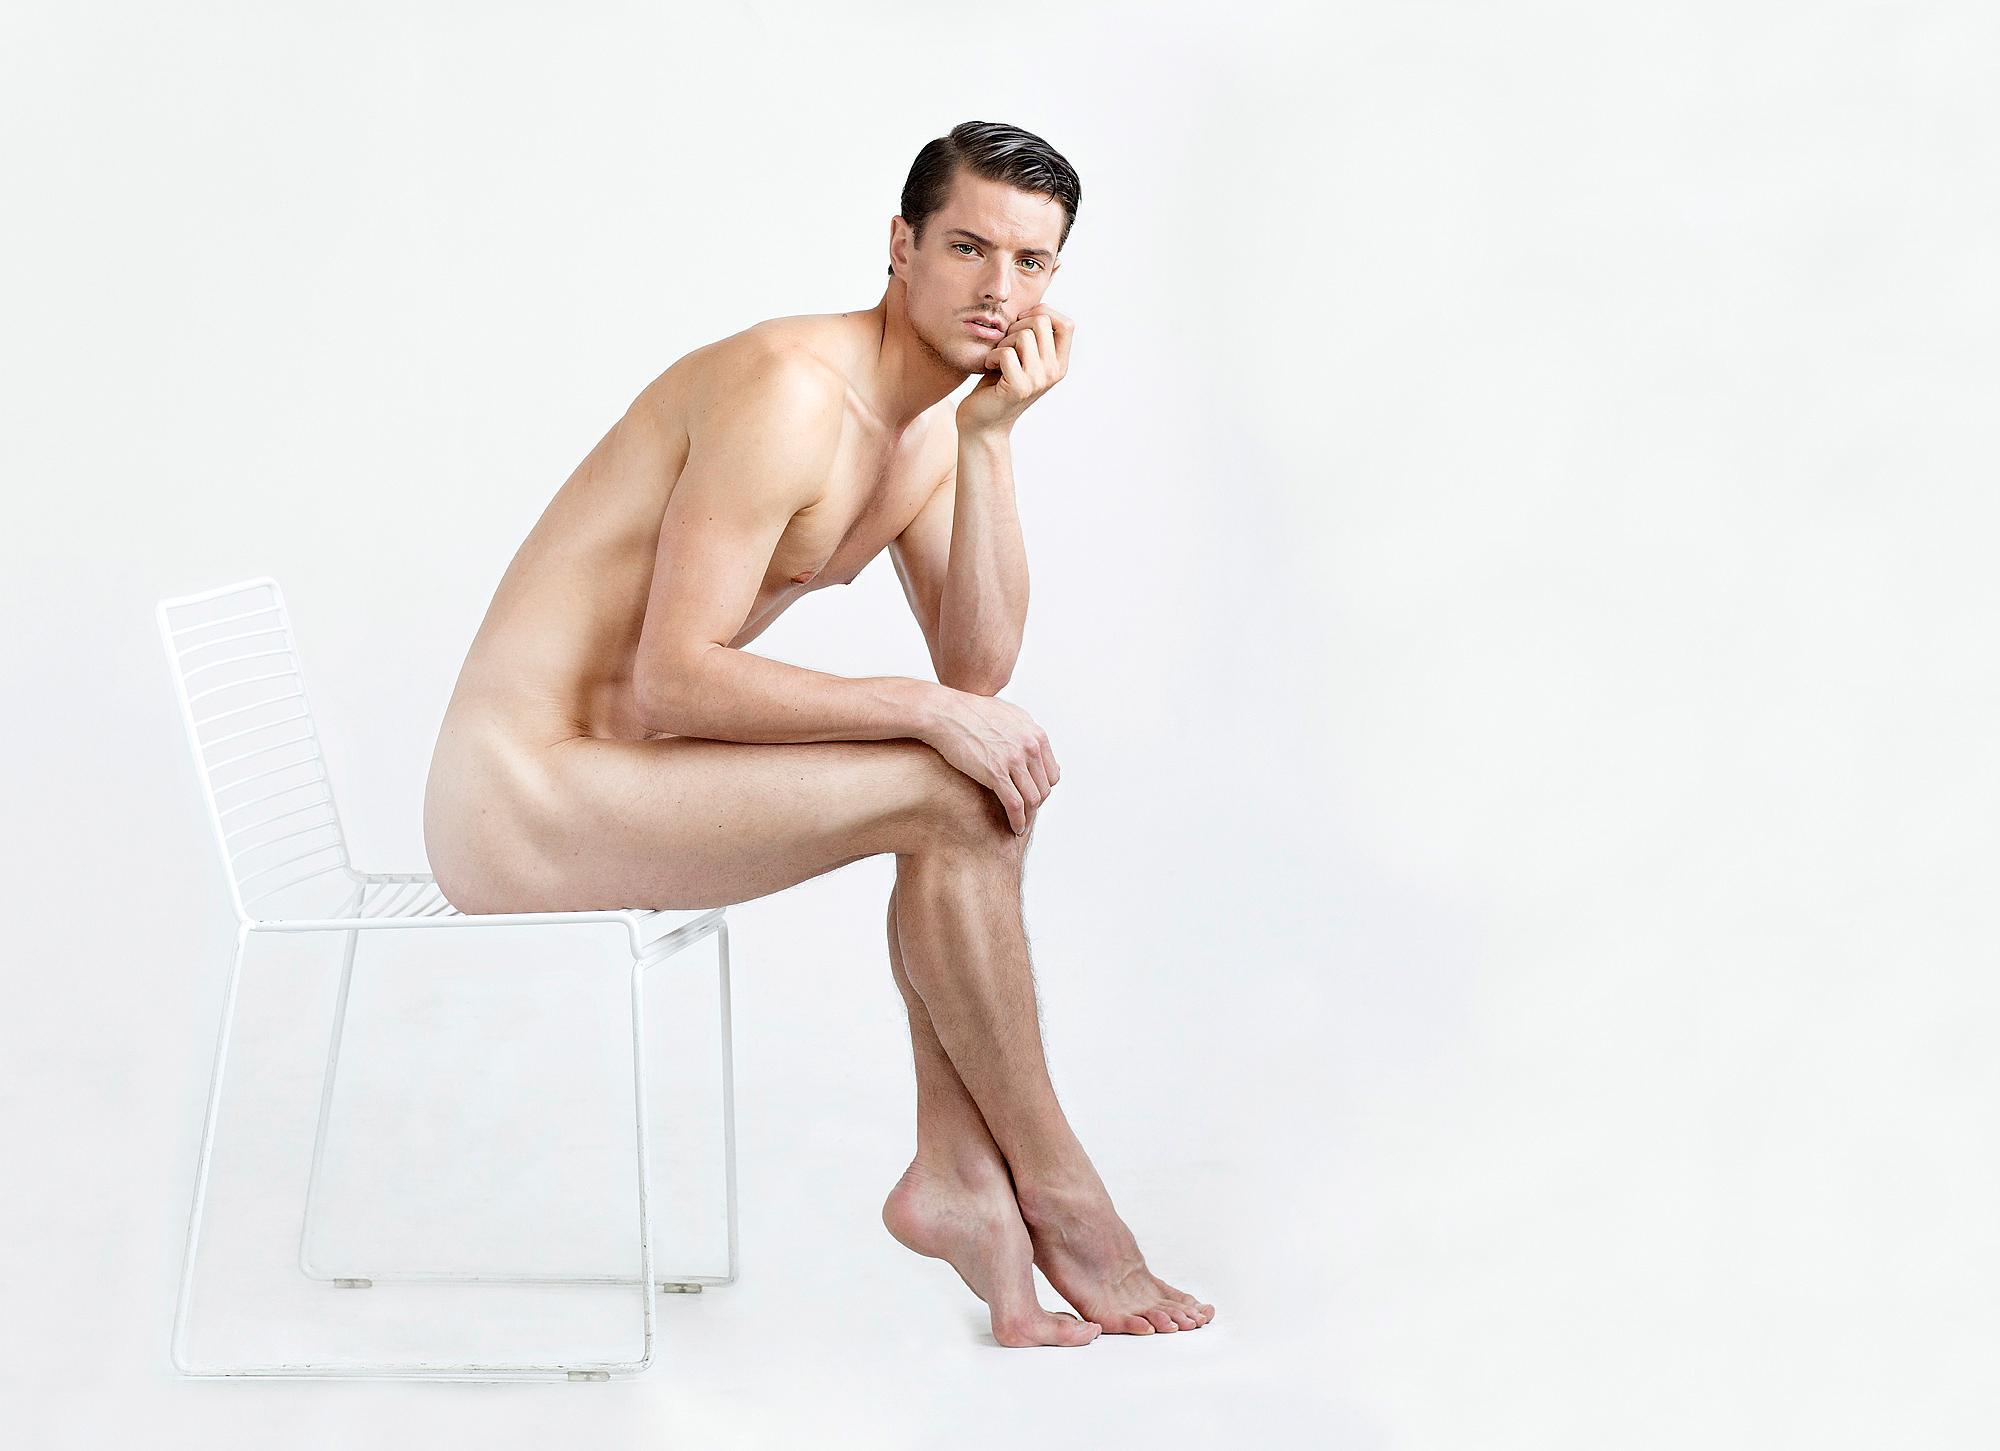 naken manliga fitness modell